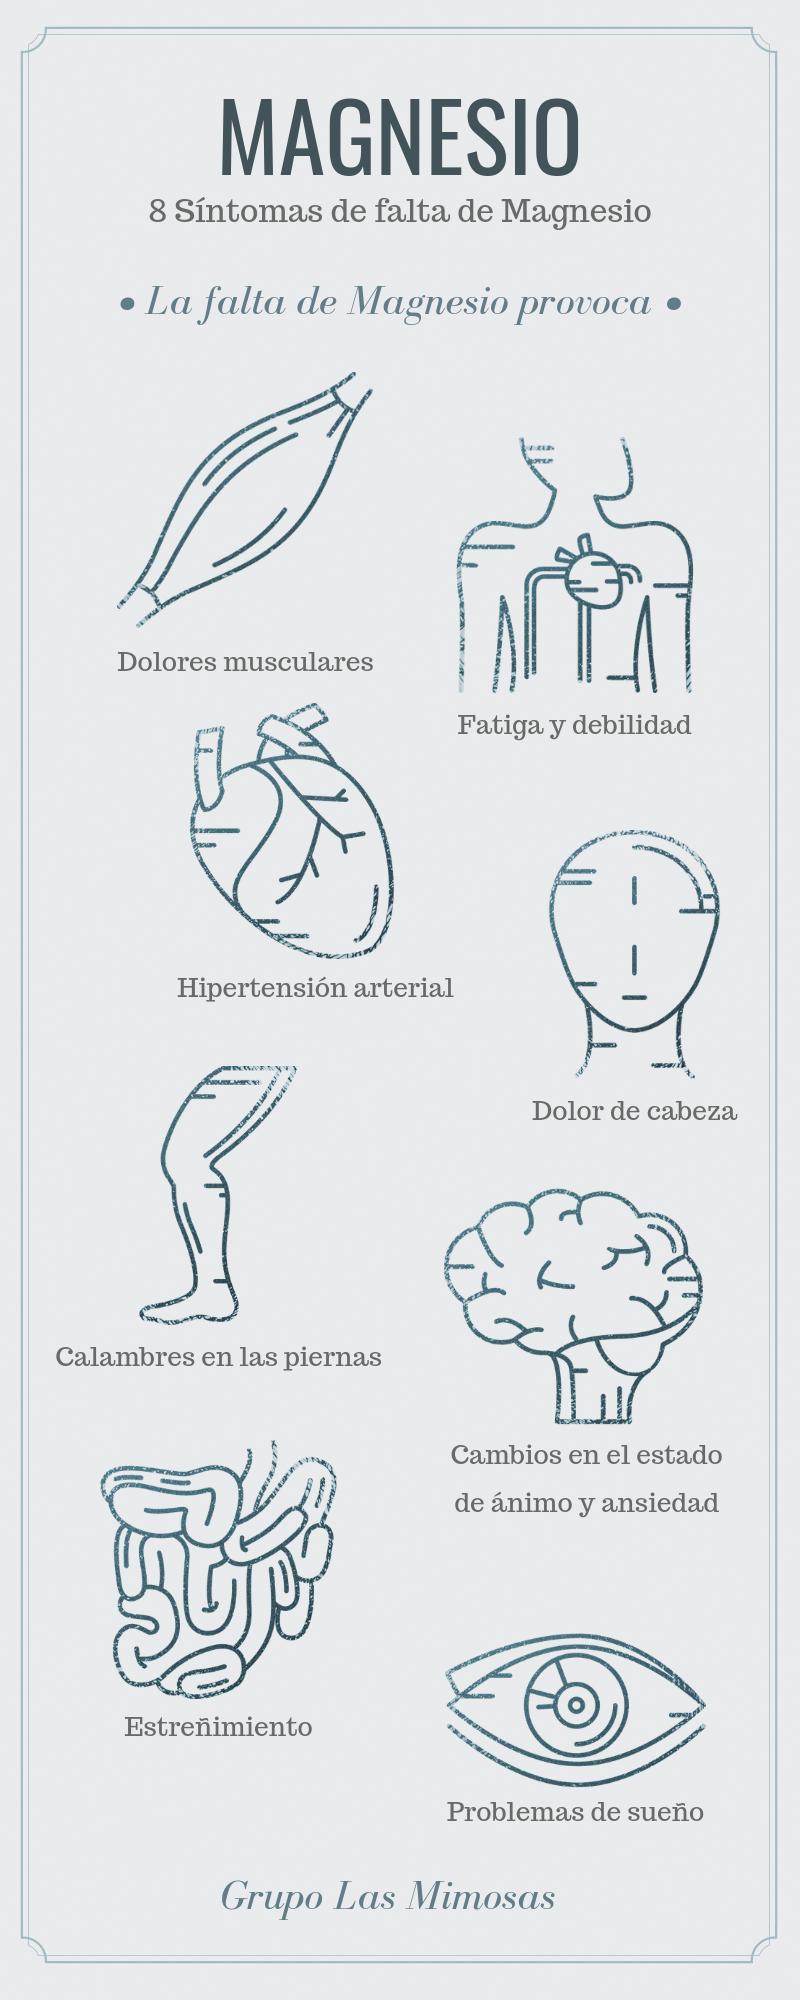 sintomas de la falta de magnesio en el organismo